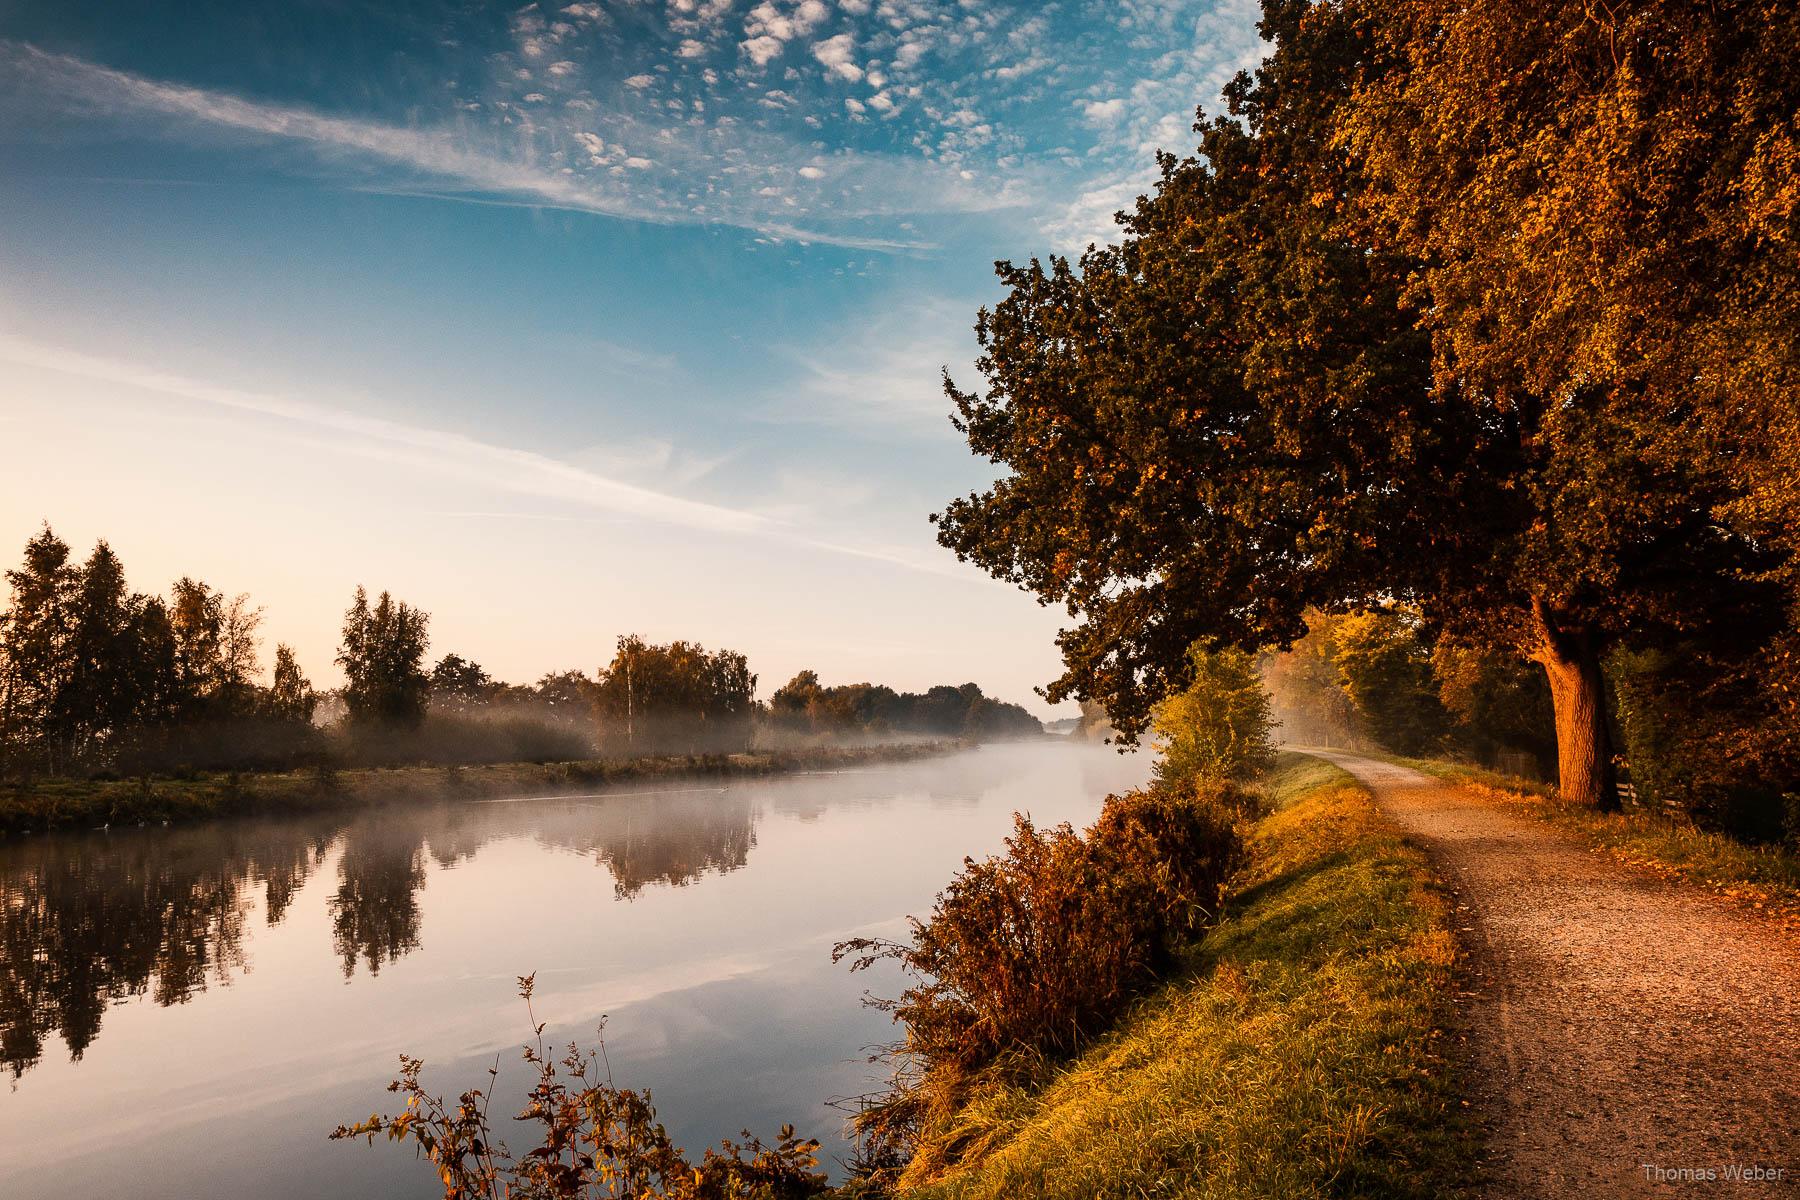 Sonnenaufgang an der Hunte in Oldenburg, Fotograf Thomas Weber aus Oldenburg